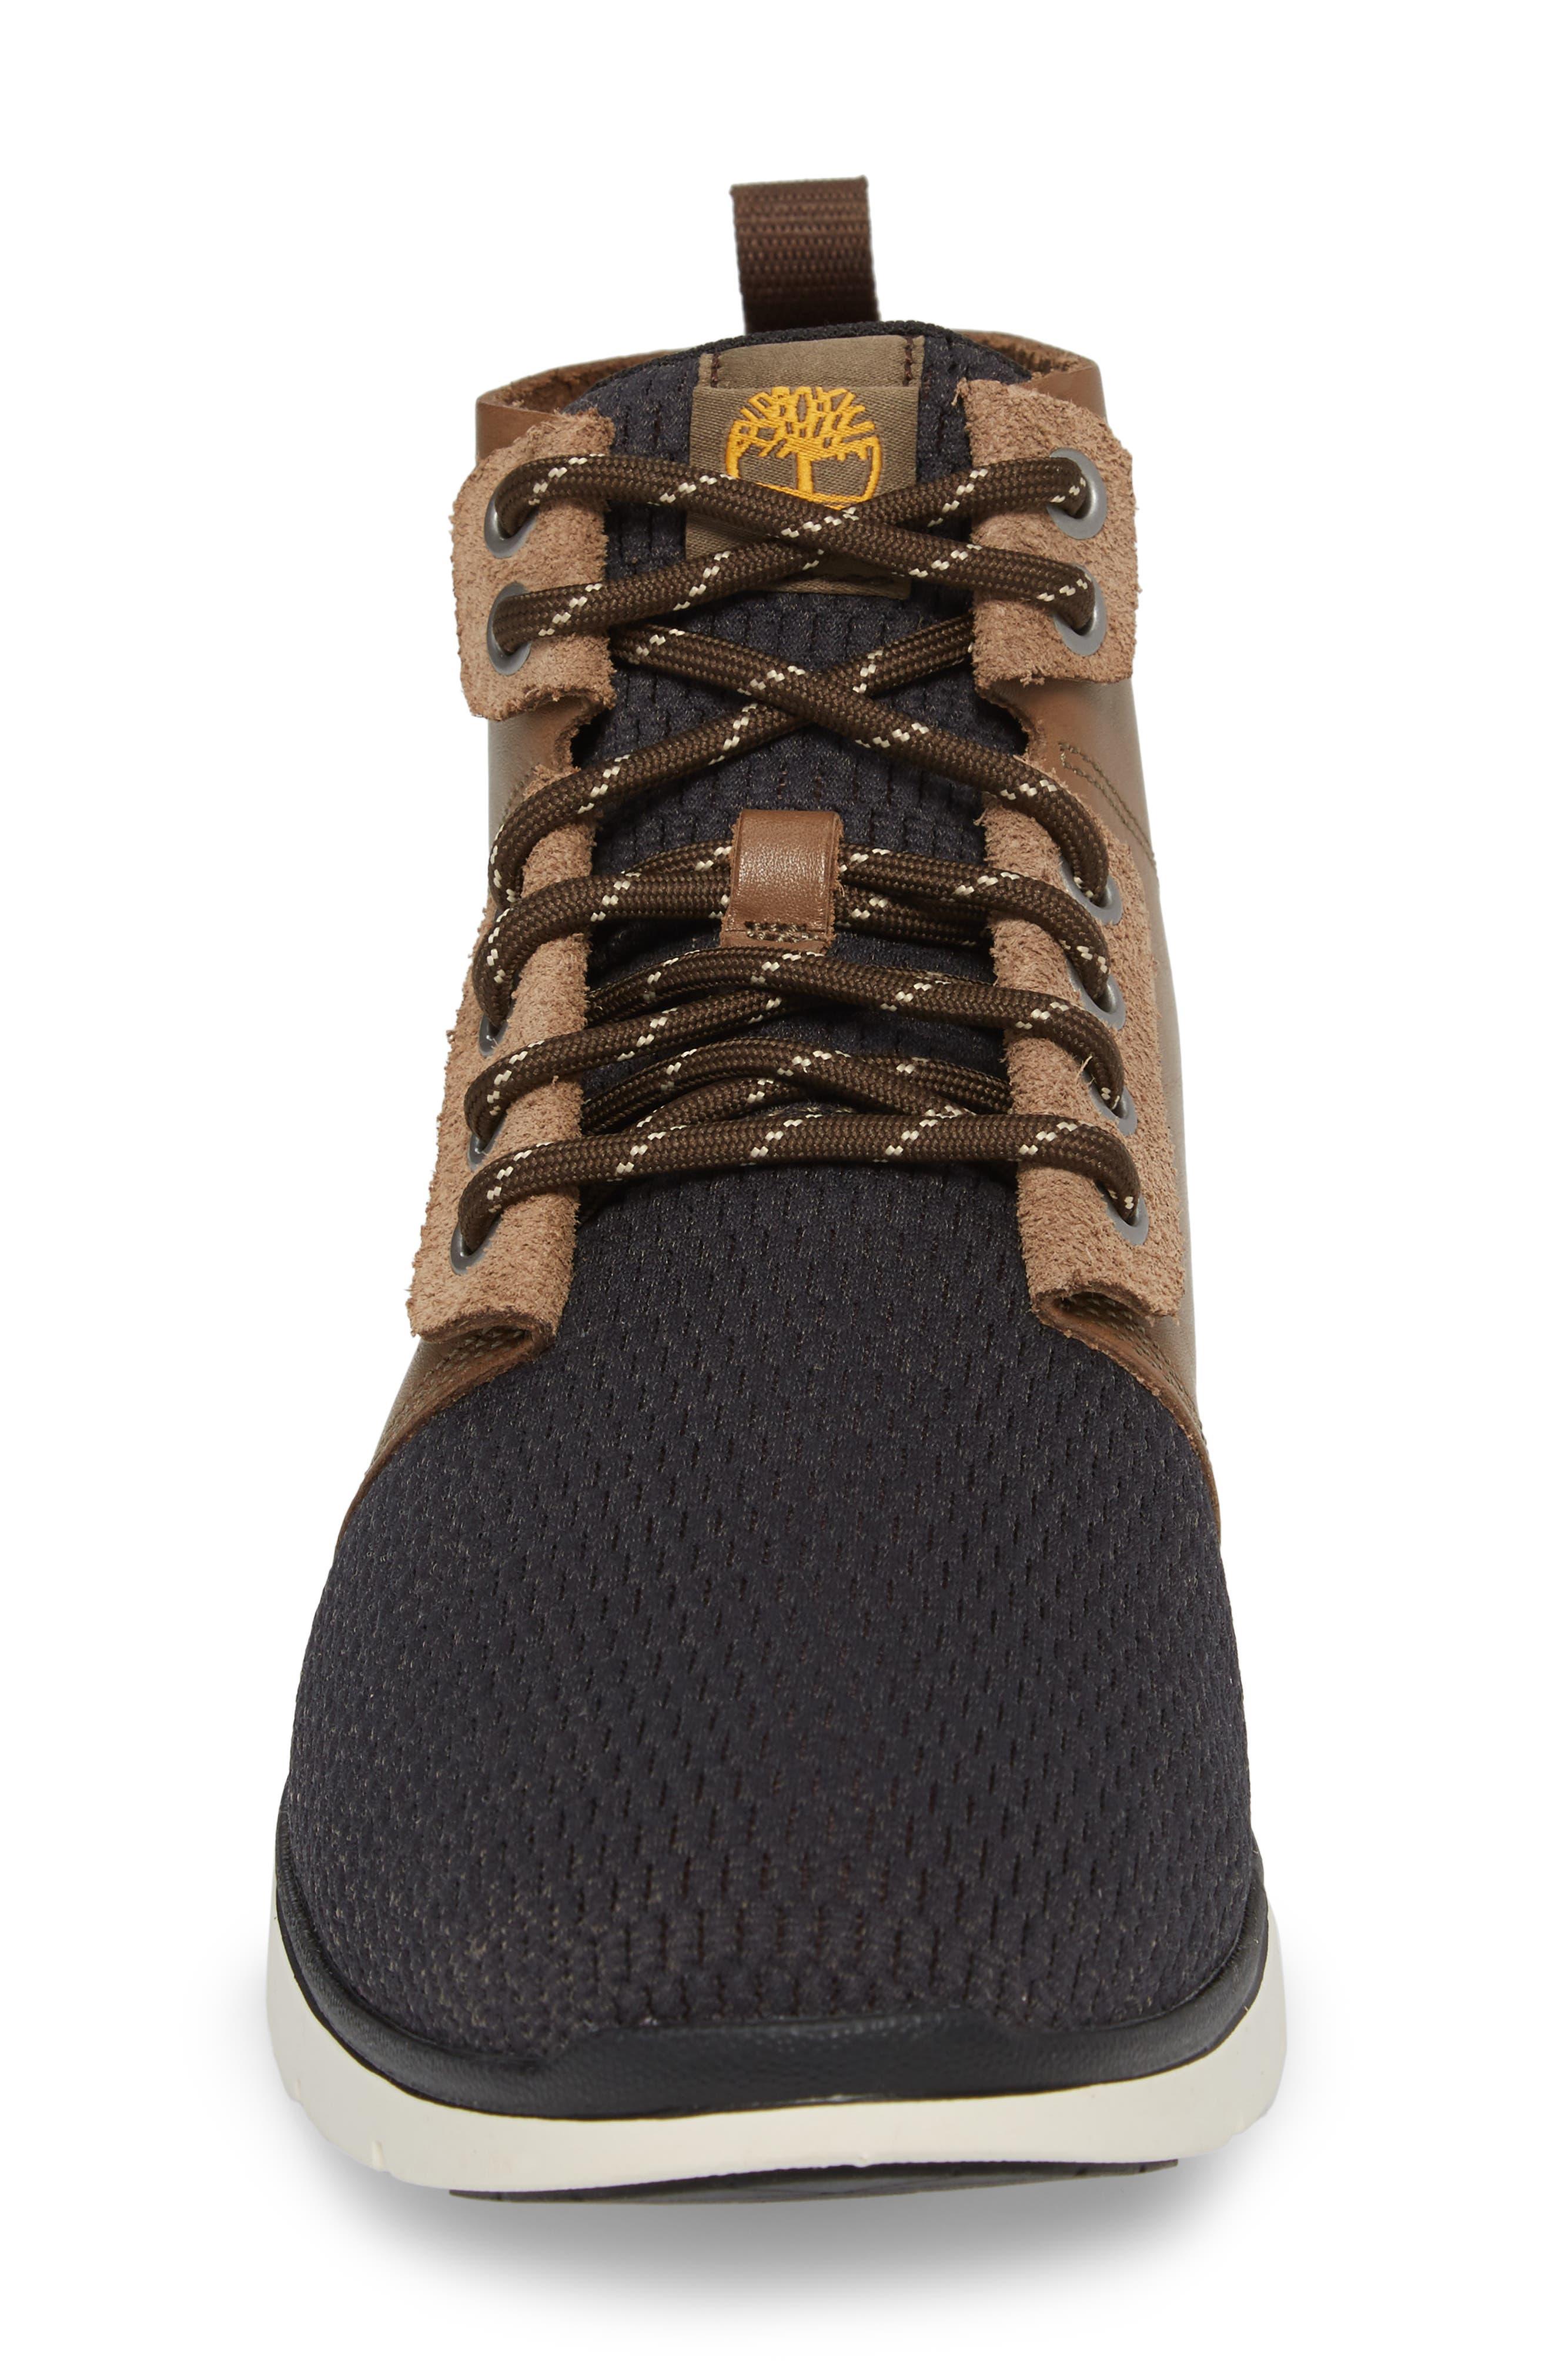 Killington Plain Toe Boot,                             Alternate thumbnail 4, color,                             Buckskin Leather